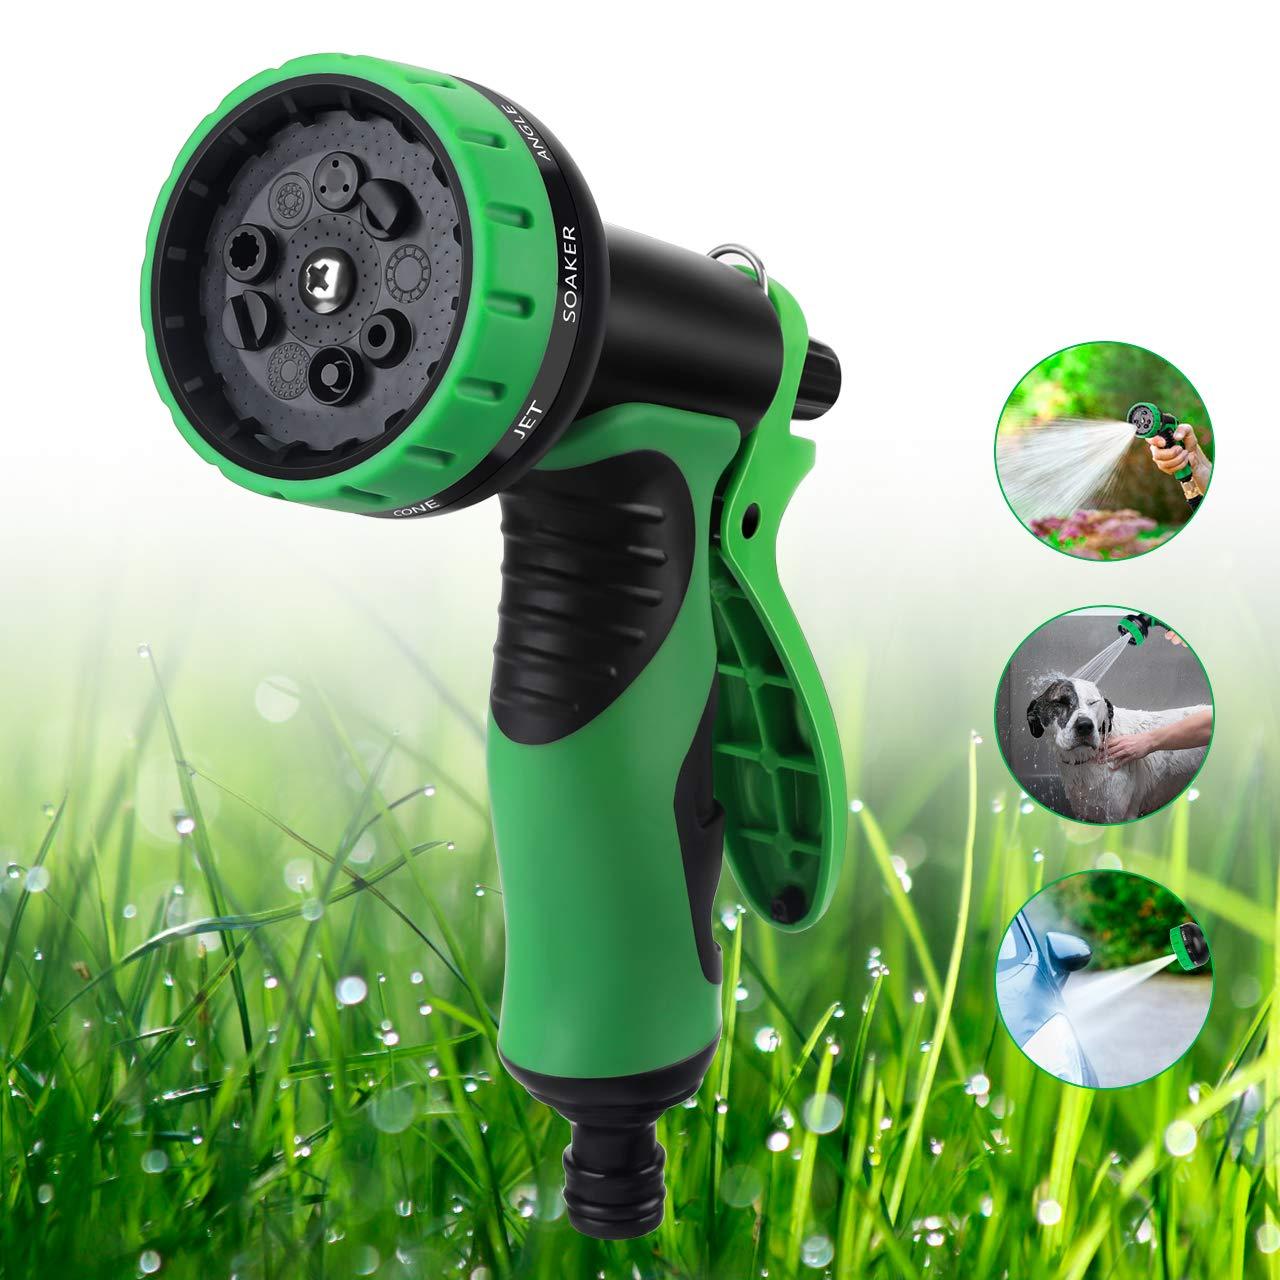 OOWOLF Pistola de Riego, 9 Modos de Ajustable Pulverización Boquilla para Manguera Pistola de Agua de Jardín para Riego de Plantas, Lavado de Coches, Baño de Mascotas, Limpieza de Acera: Amazon.es: Jardín